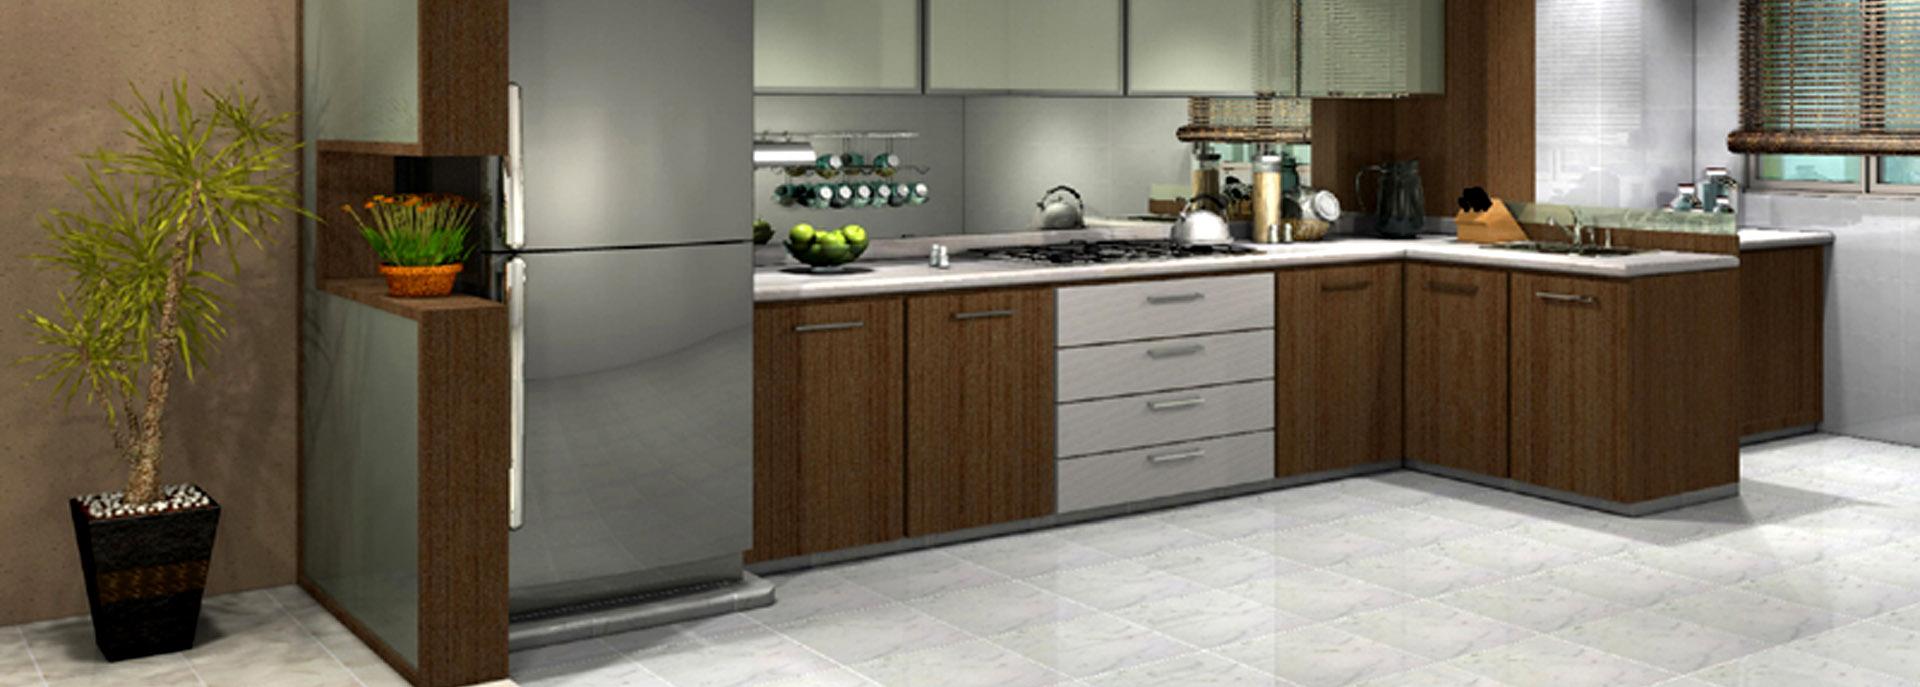 Infinity Modular Kitchen & Interior Works